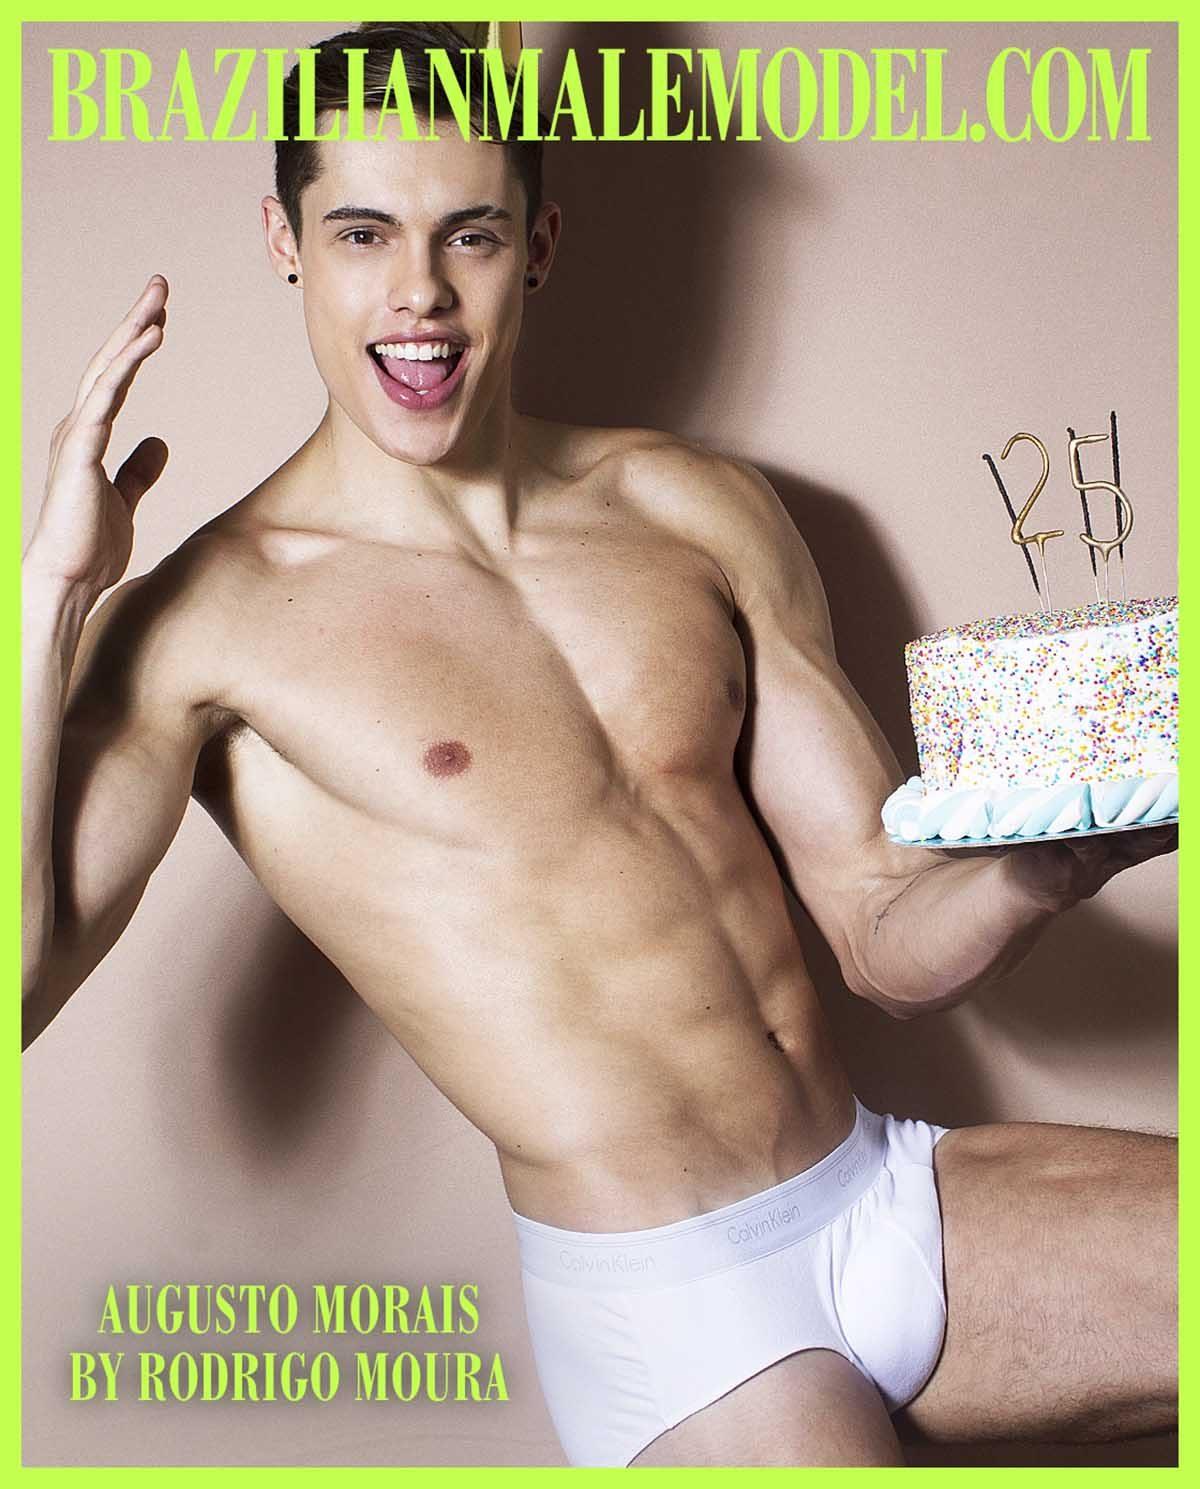 Augusto Morais by Rodrigo Moura